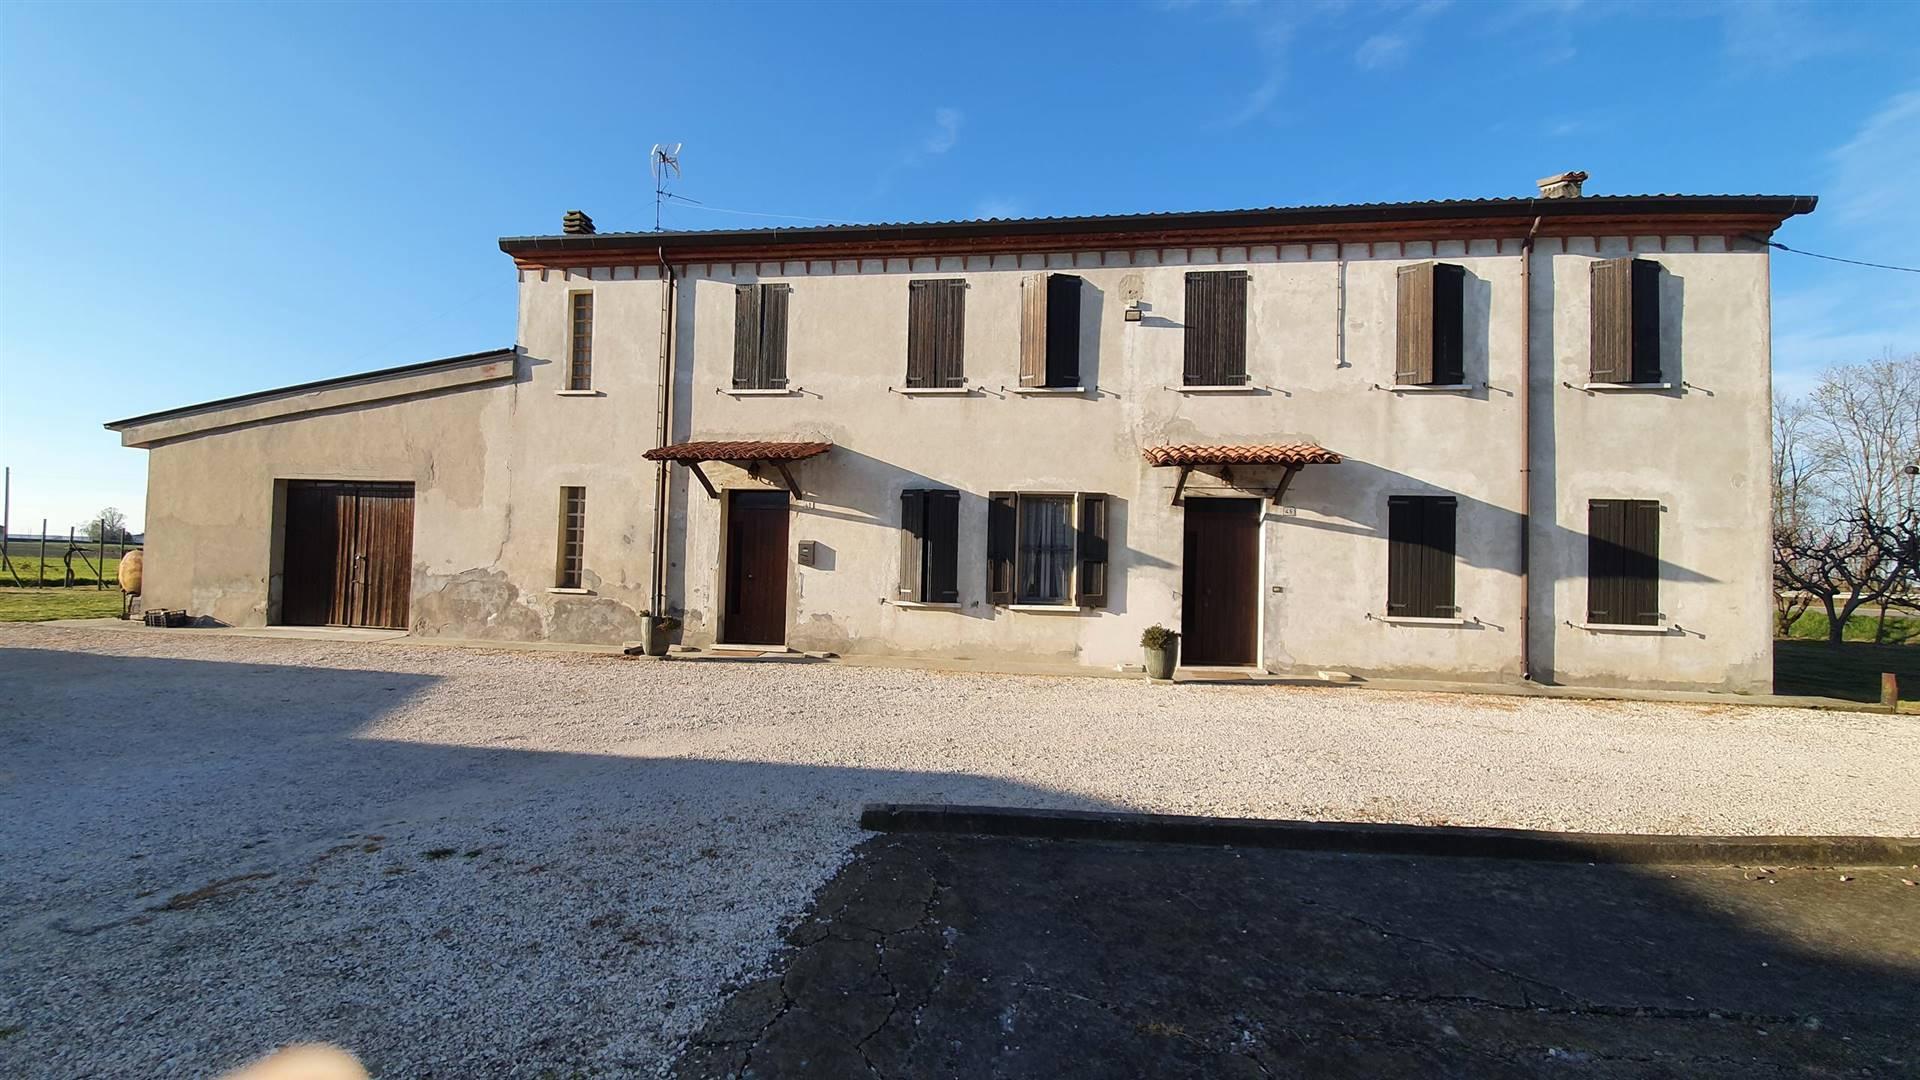 Rustico / Casale in vendita a San Benedetto Po, 10 locali, prezzo € 350.000 | CambioCasa.it